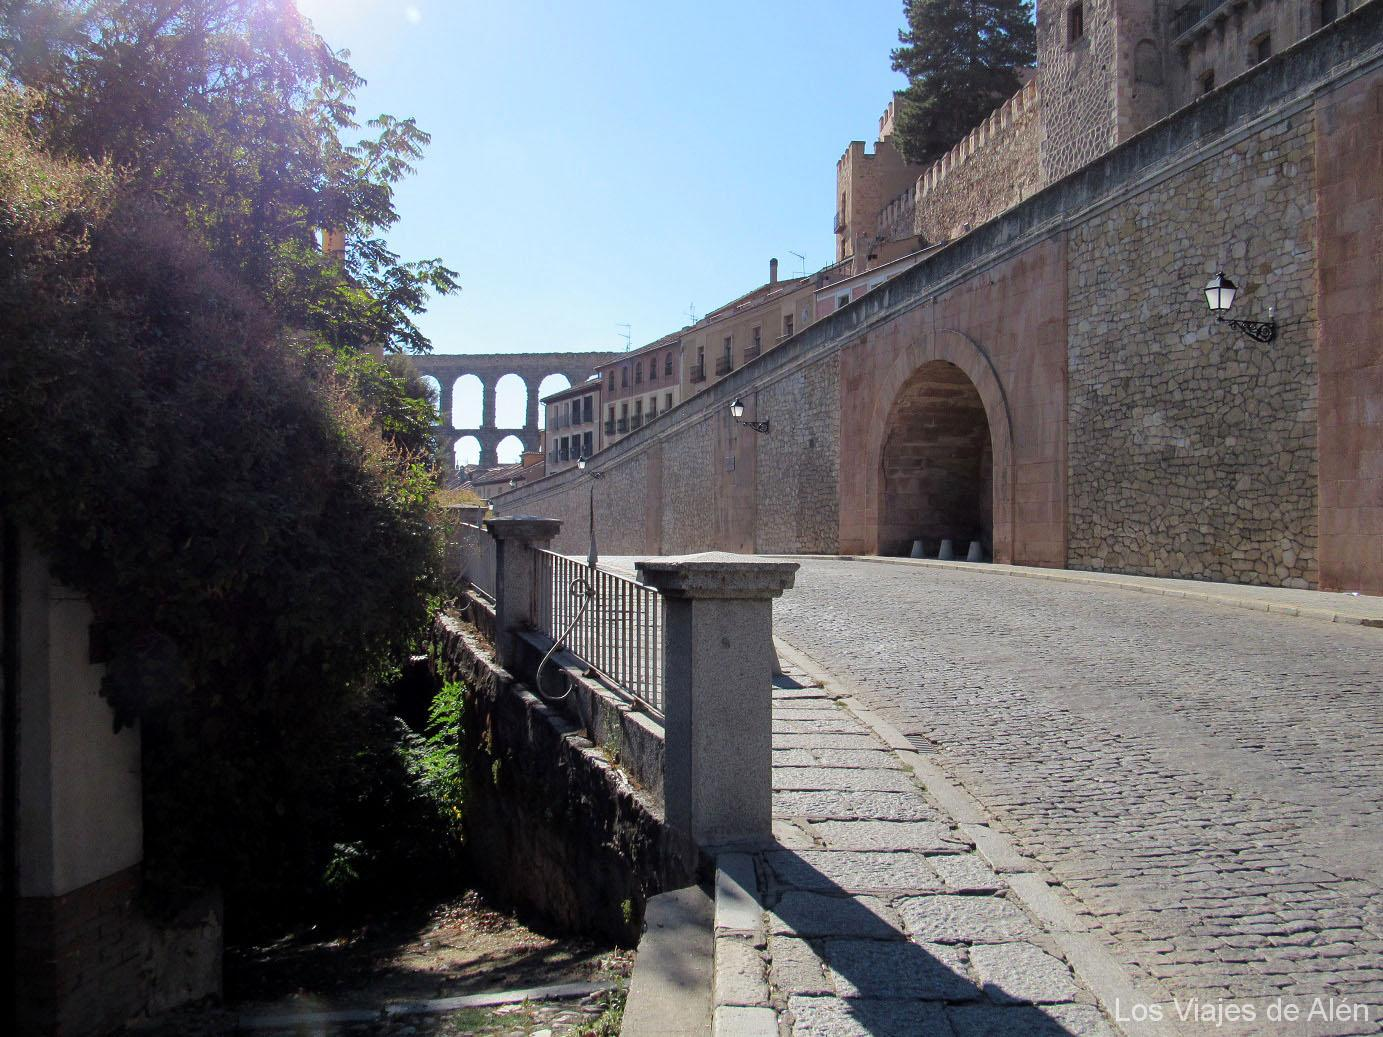 Dejamos Atrás El Acueducto Bajando Por El Paseo Santo Domingo De Guzmán